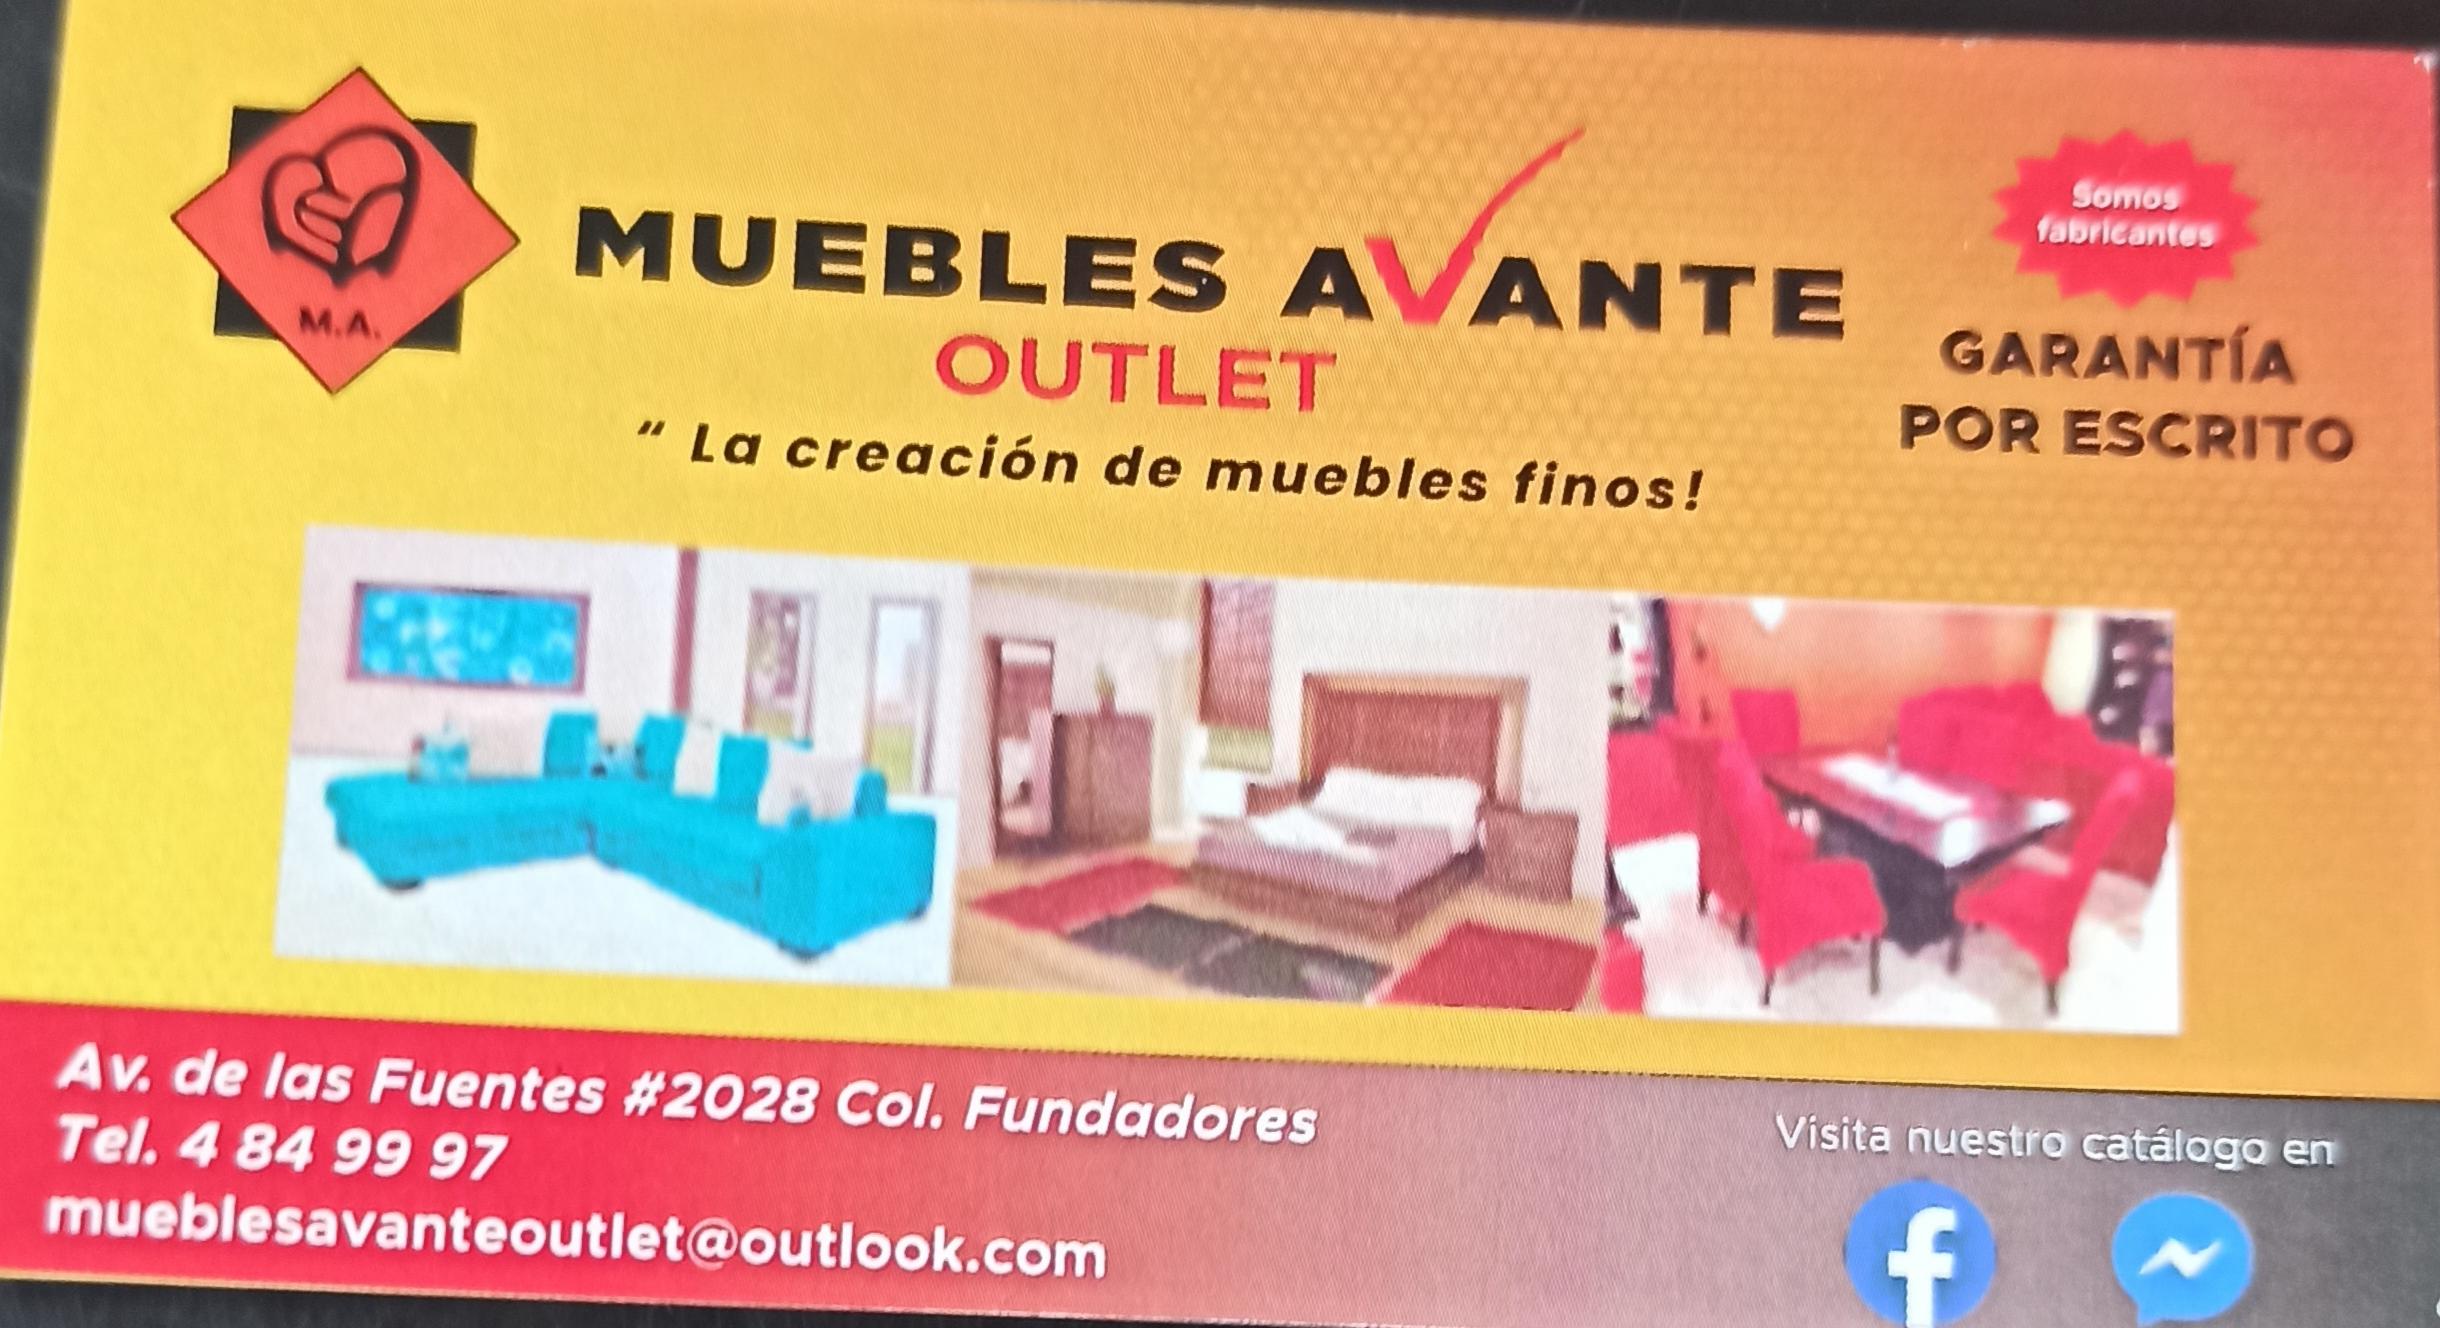 Muebles Avante Outlet